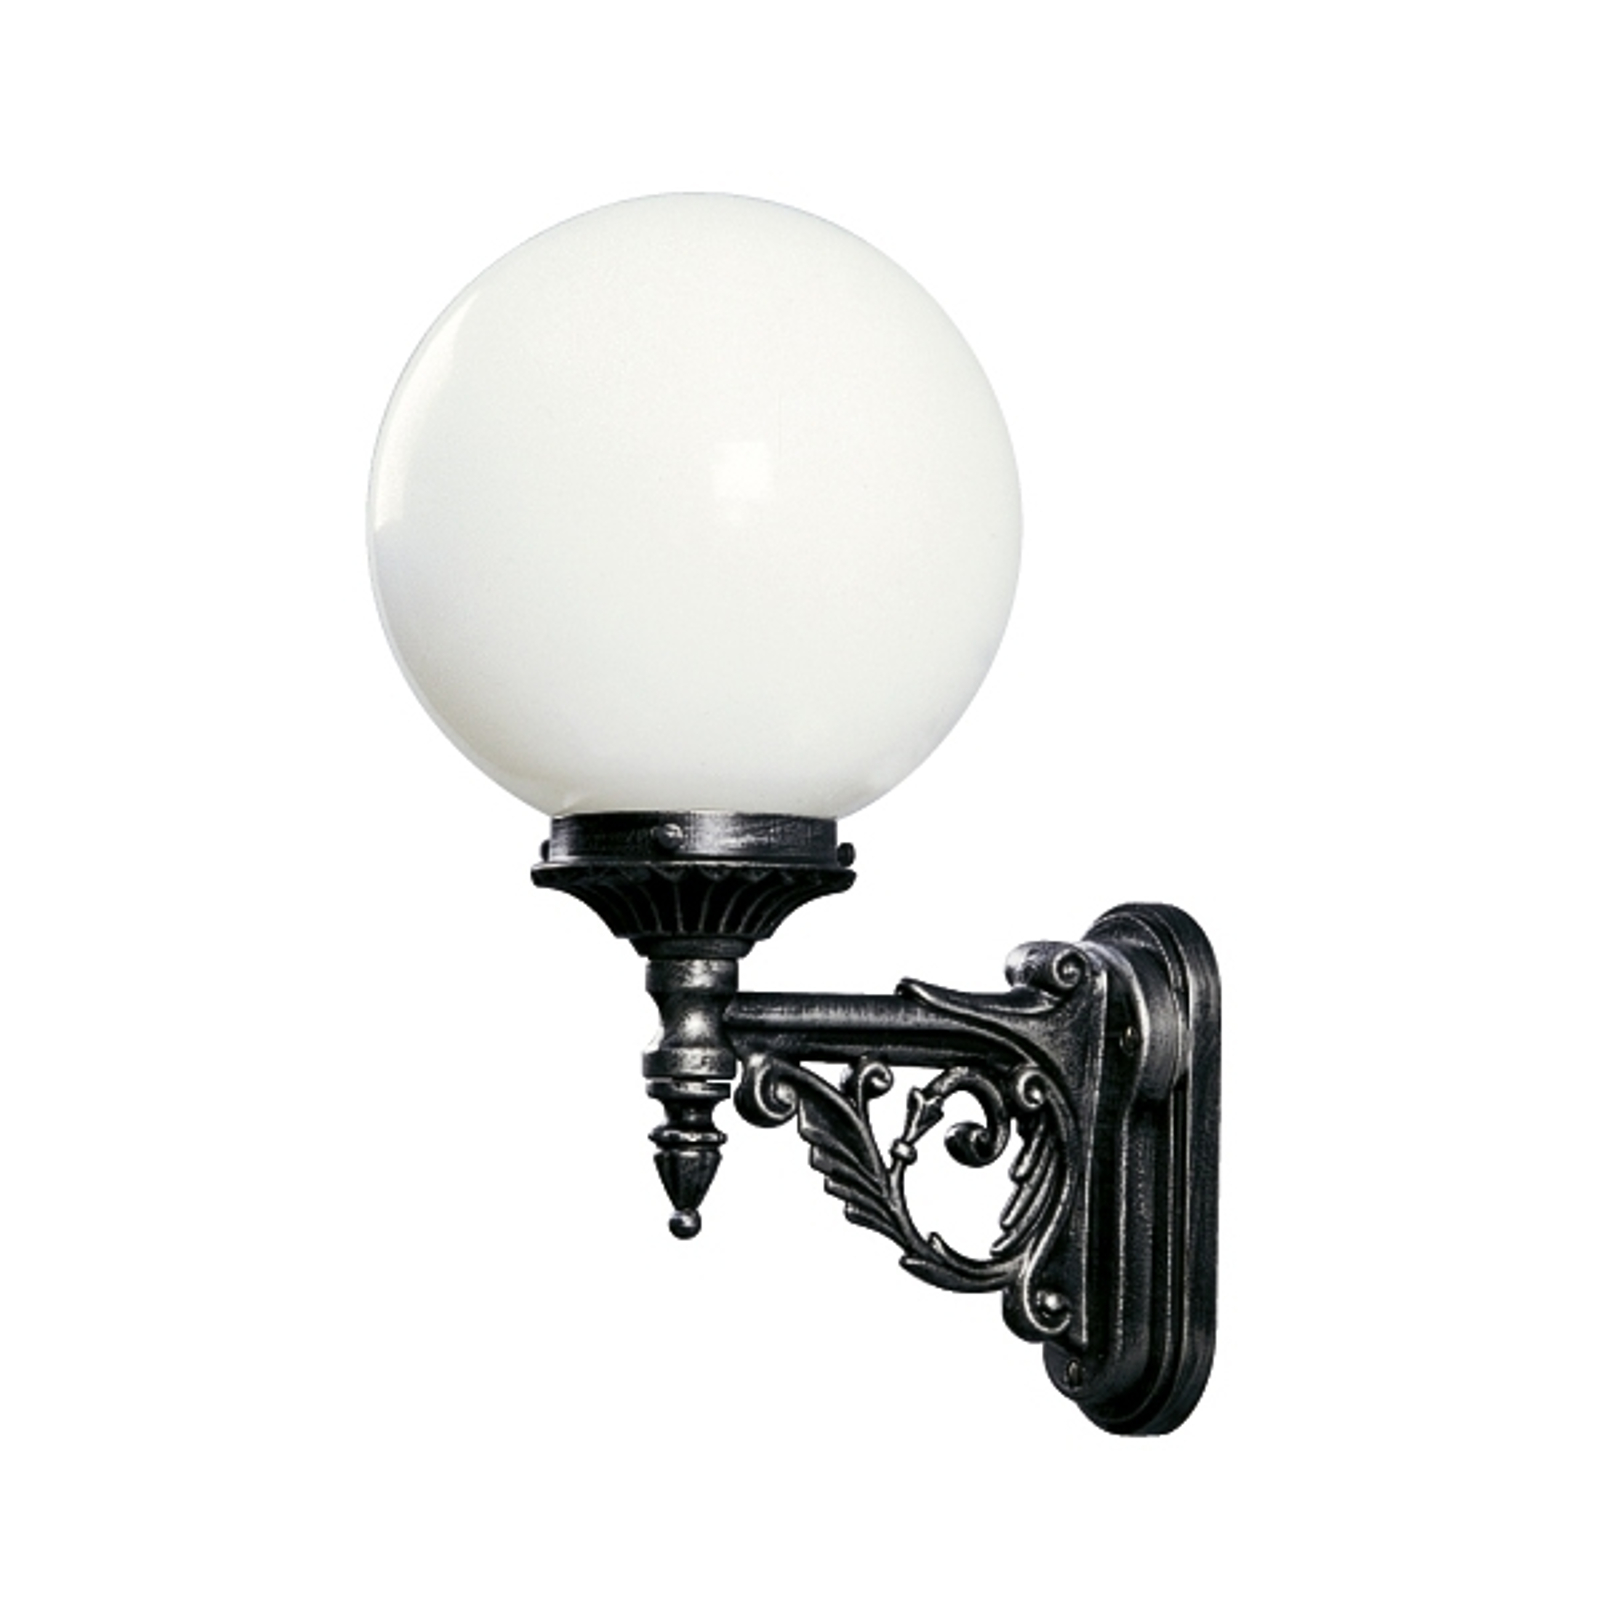 Dekoracyjna zewnętrzna lampa ścienna SIL 159